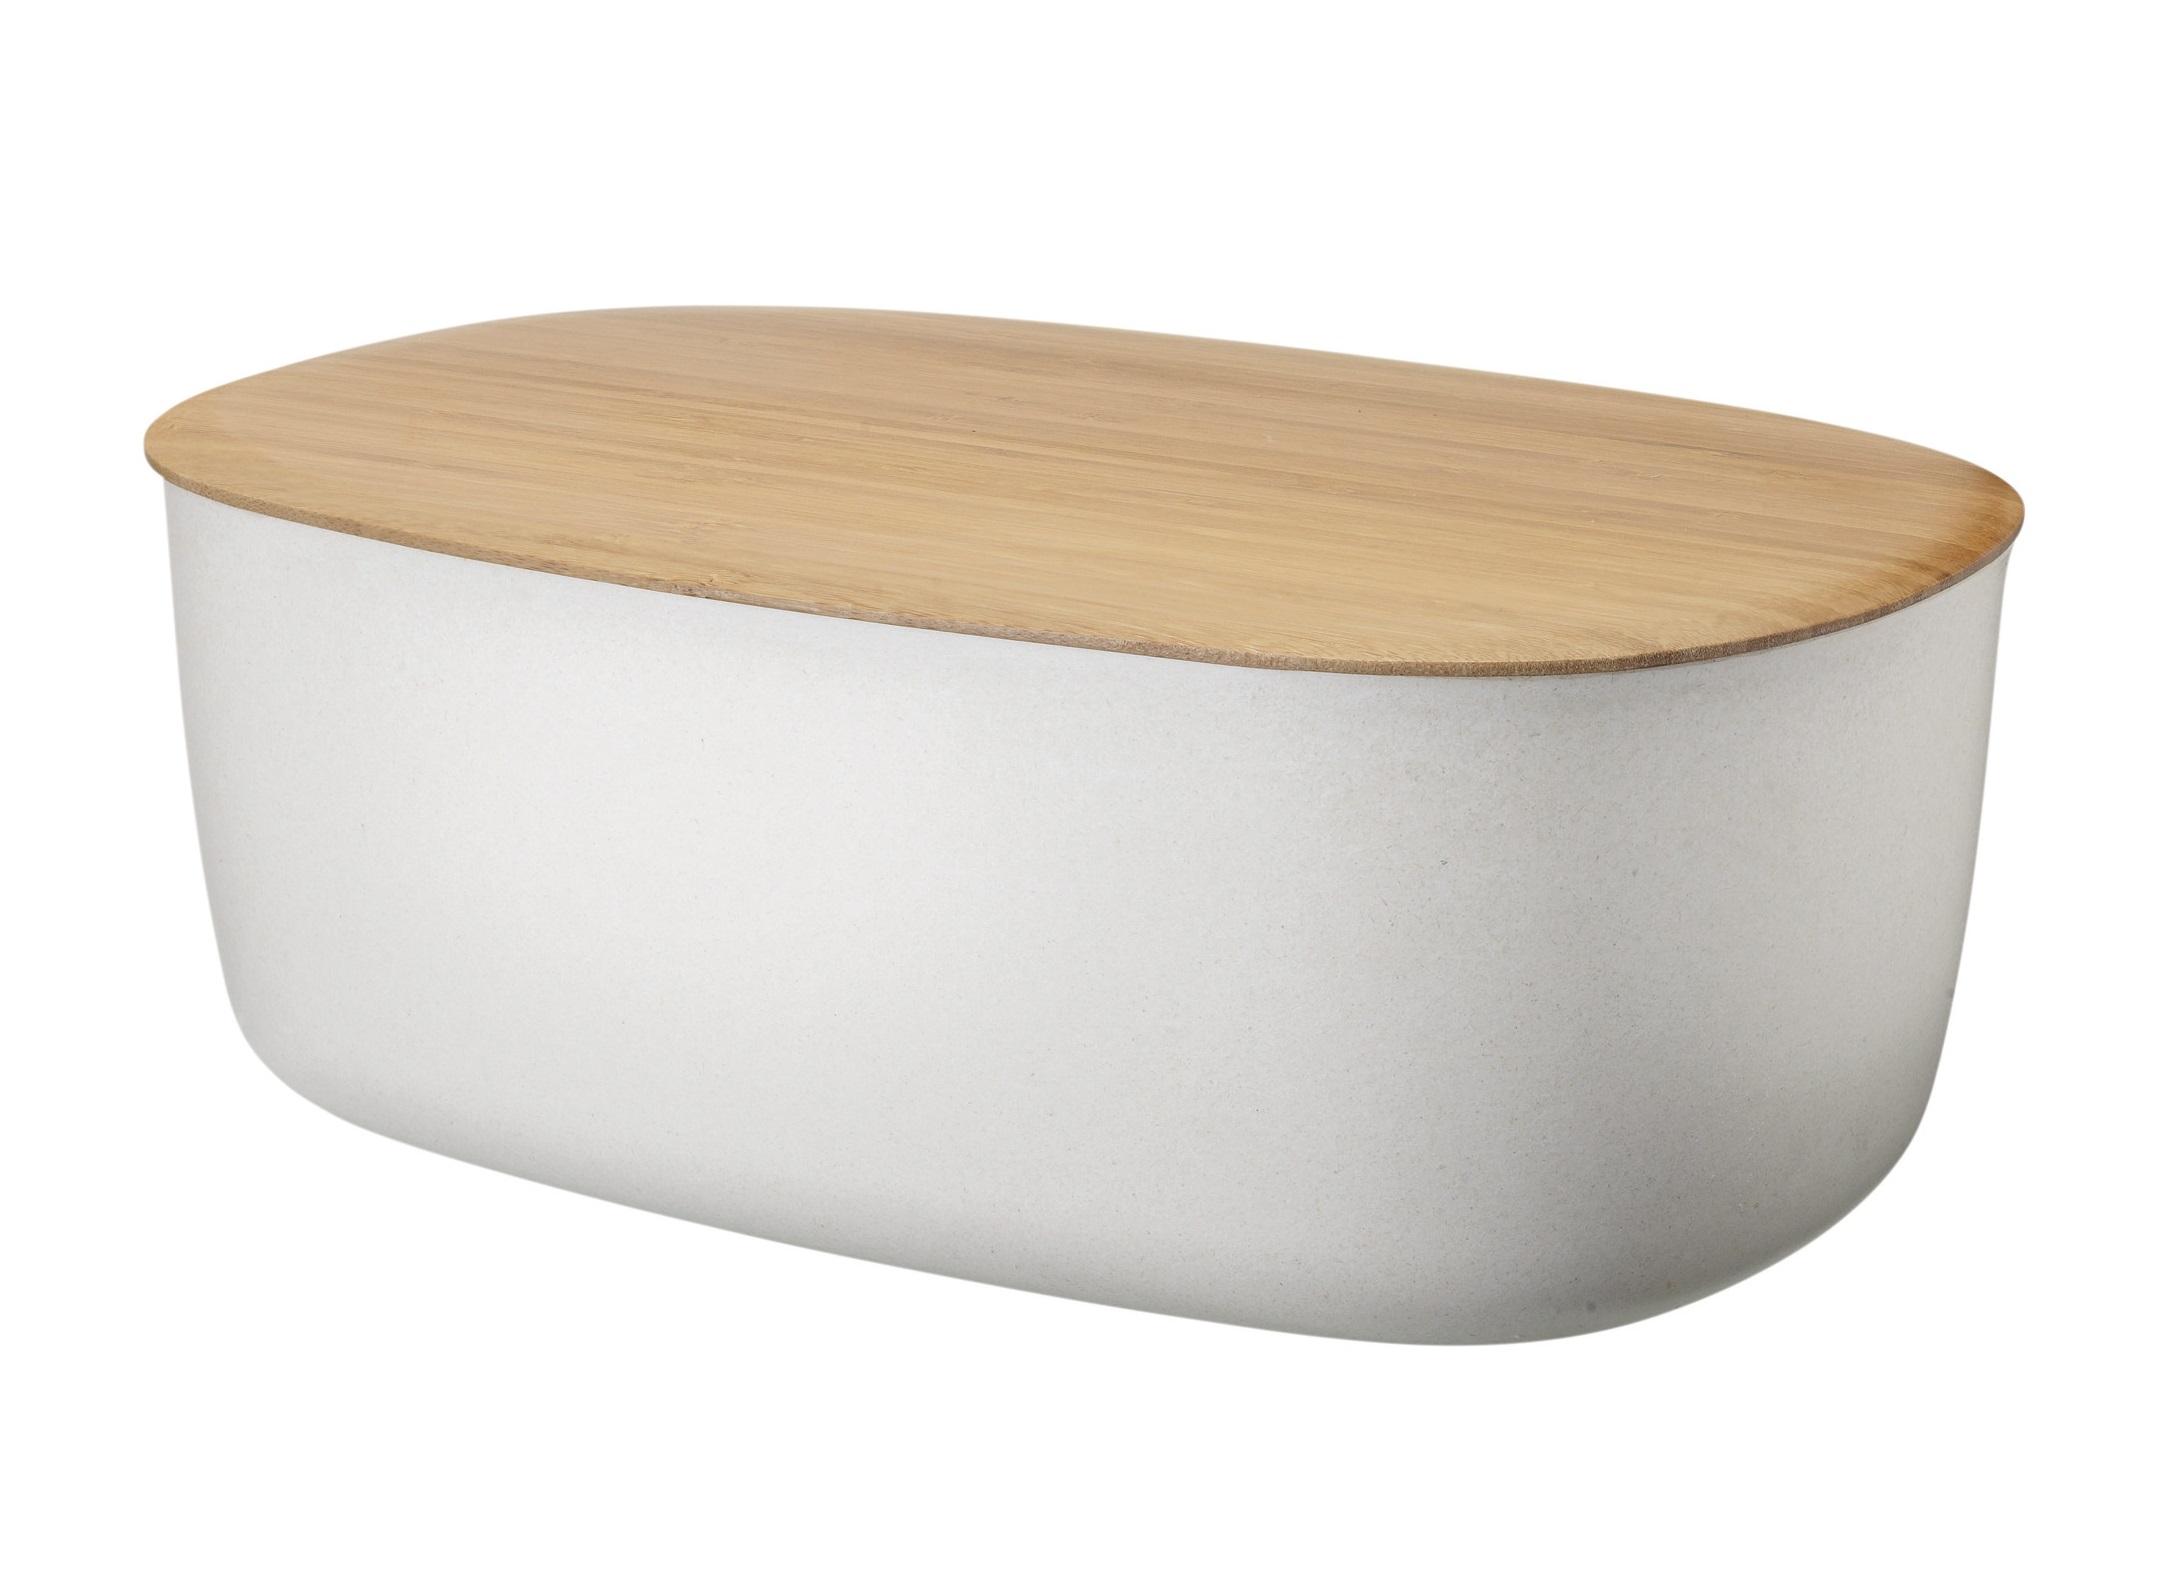 Хлебница BOX-ITХлебница<br>&amp;lt;div&amp;gt;Хлебница BOX-IT. Стильная хлебница BOX-IT подойдет для любой кухни, а также поможет сохранить хлеб свежим долгое время. Хлебница изготовлена из высококачественного меламина, а прочная бамбуковая крышка служит также разделочной доской. Благодаря своему стильному внешнему виду, контрастным цветам, функциональности хлебница BOX-IT получила несколько значимых наград в области дизайна.&amp;lt;/div&amp;gt;<br><br>Material: Пластик<br>Ширина см: 34<br>Высота см: 12<br>Глубина см: 22